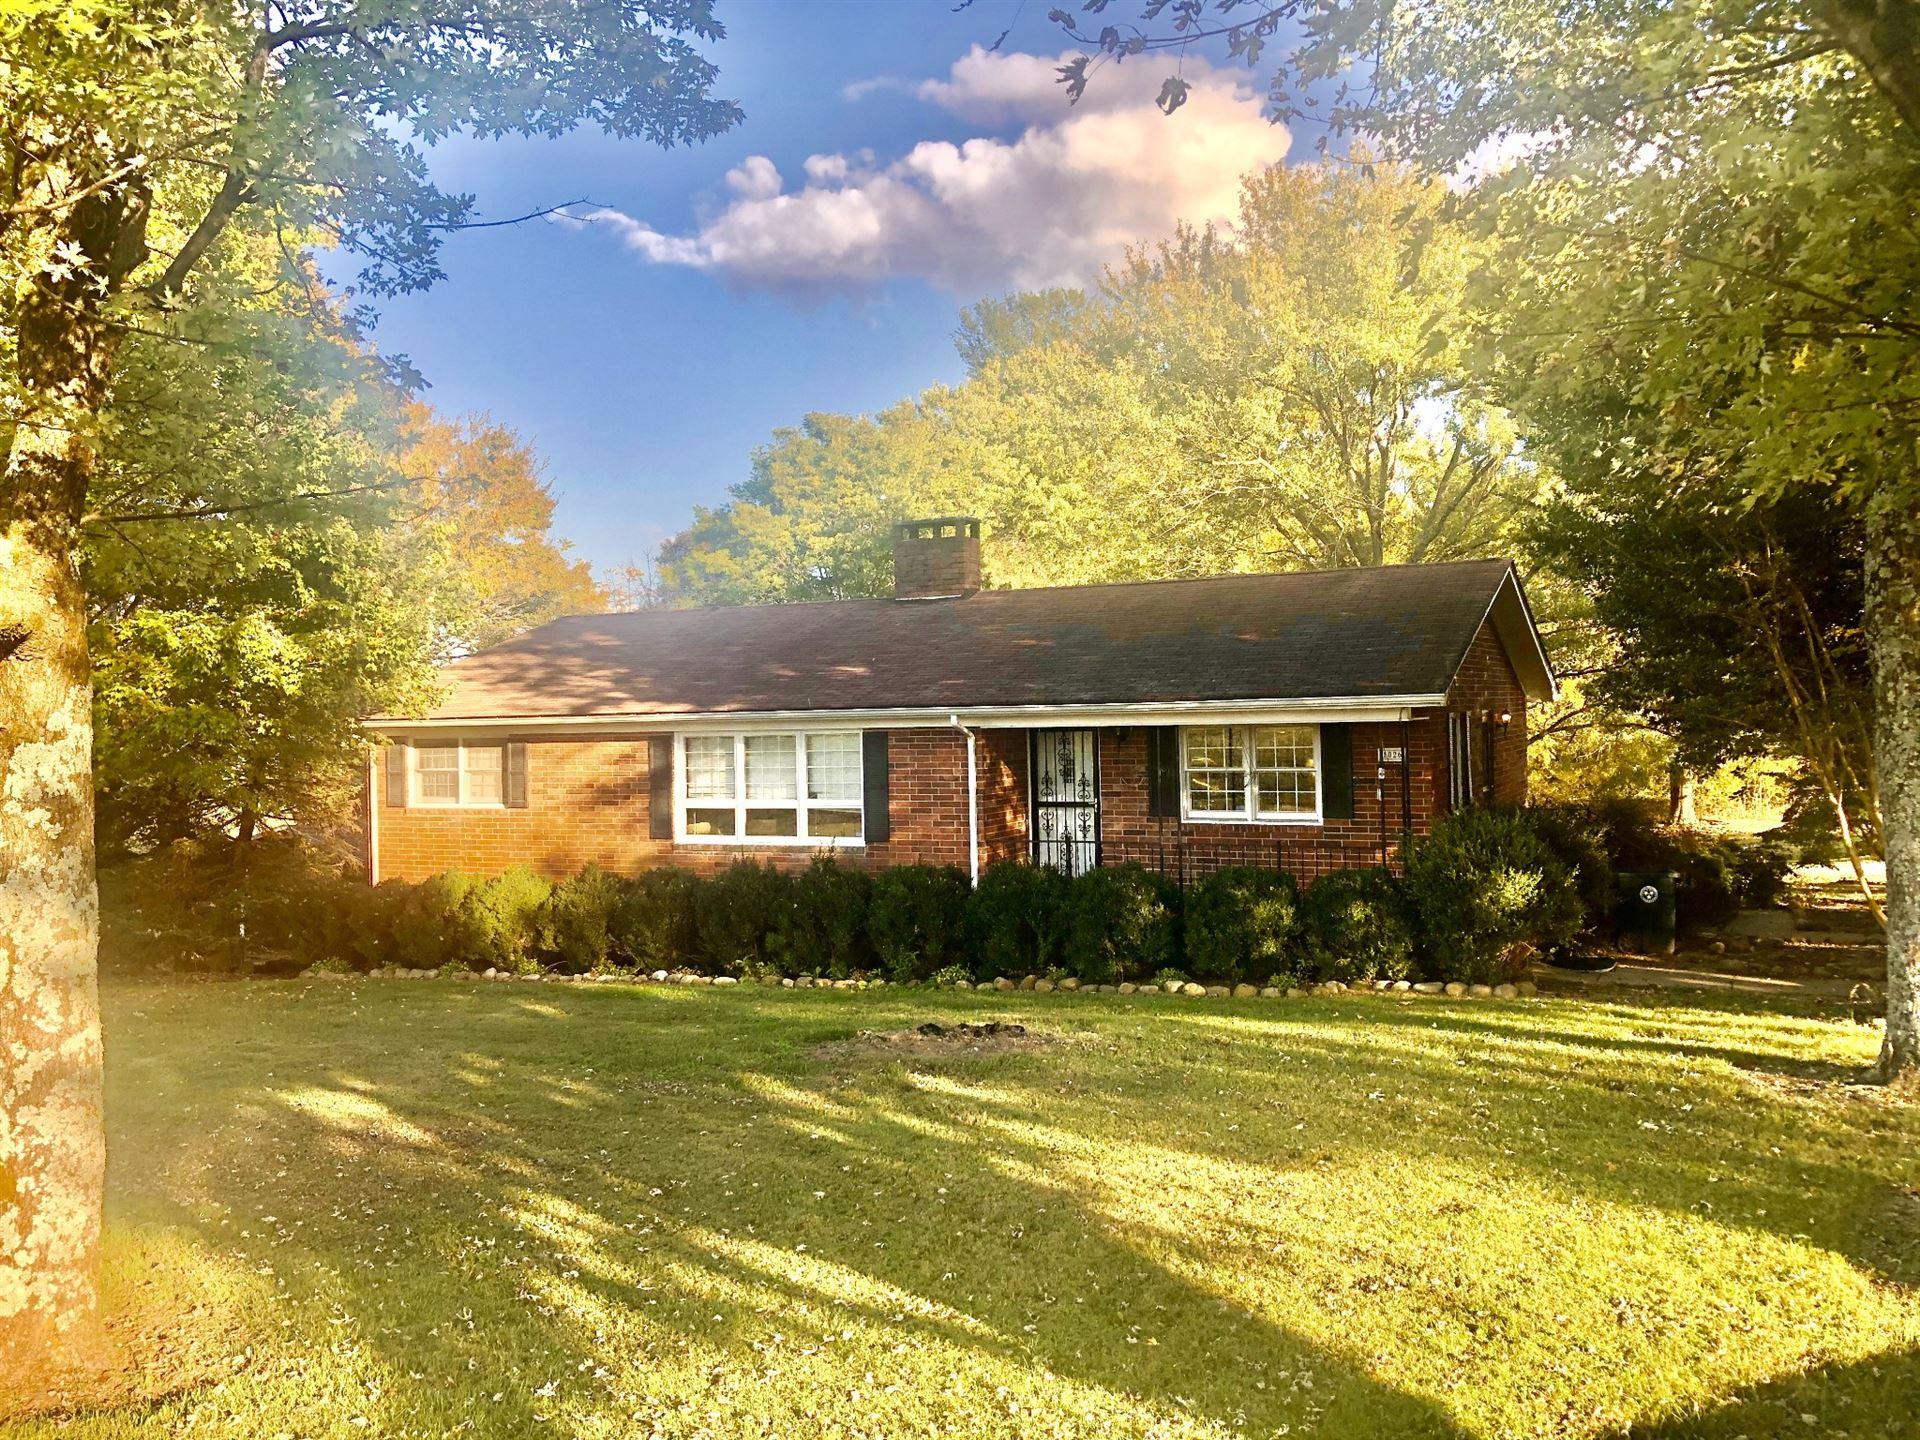 1026 S Mountain St, Smithville, TN 37166 - MLS#: 2198153